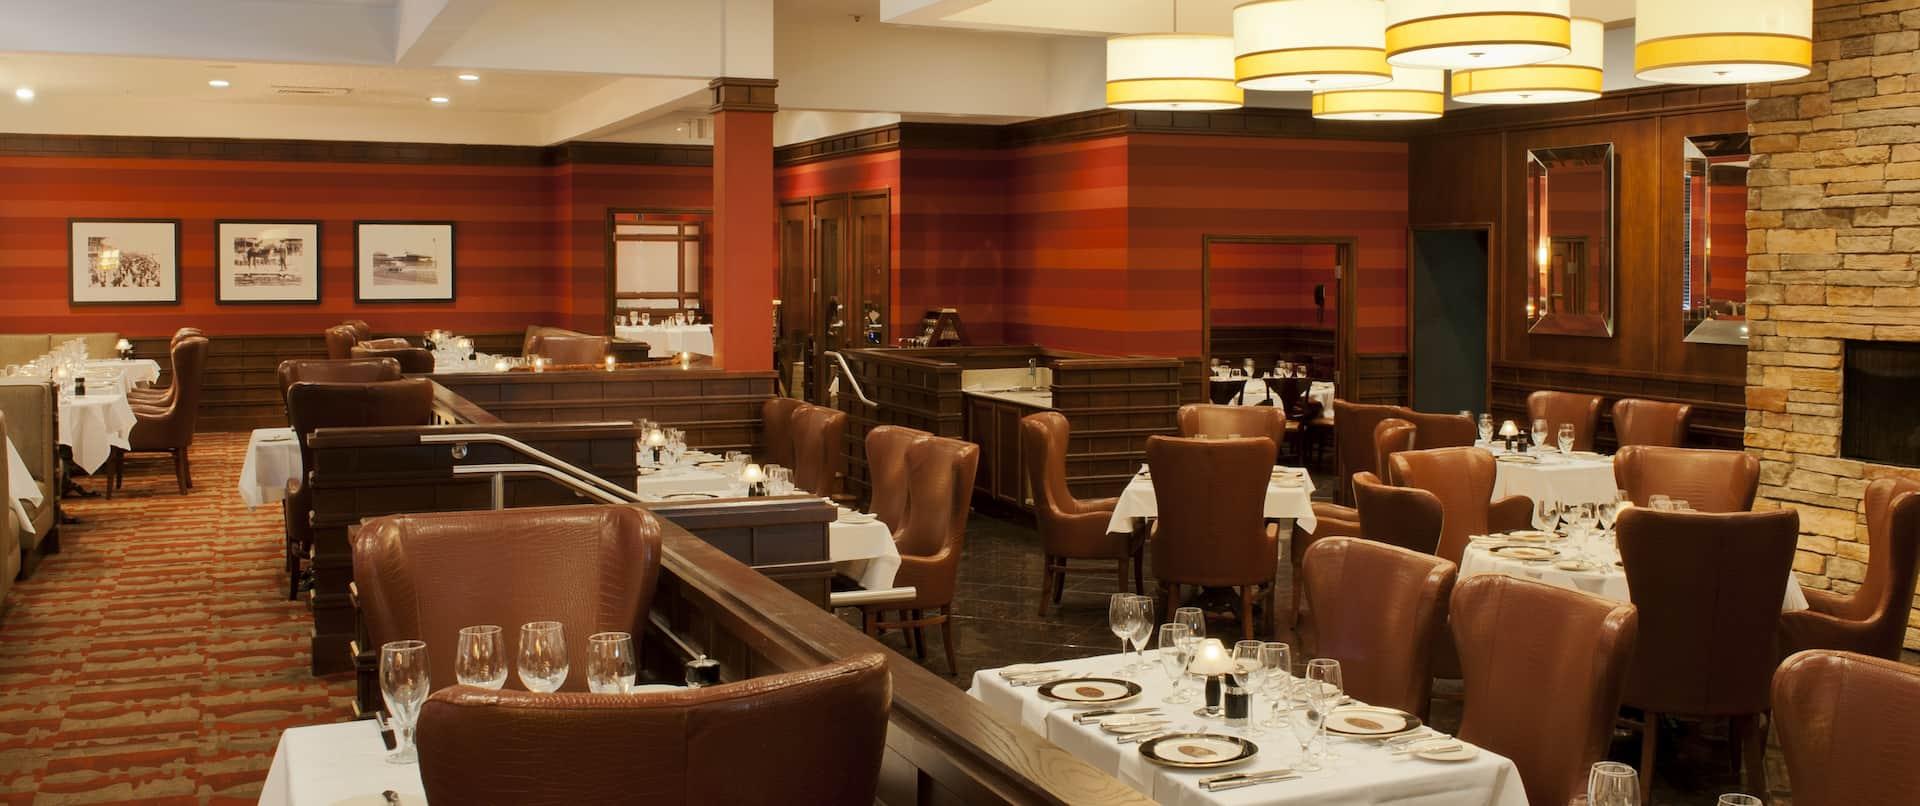 Porter's Steakhouse Interior